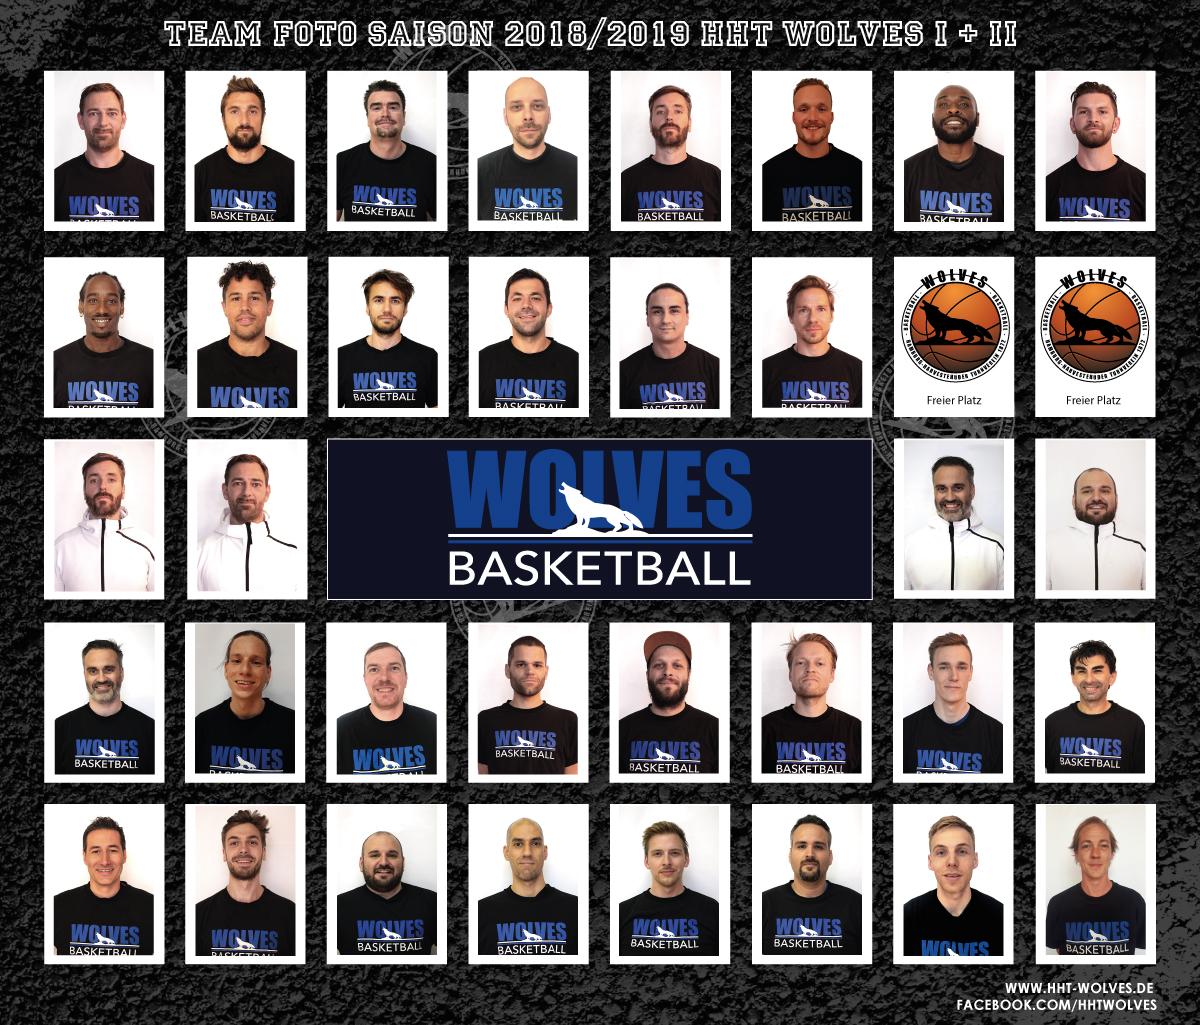 Teamfoto 2018